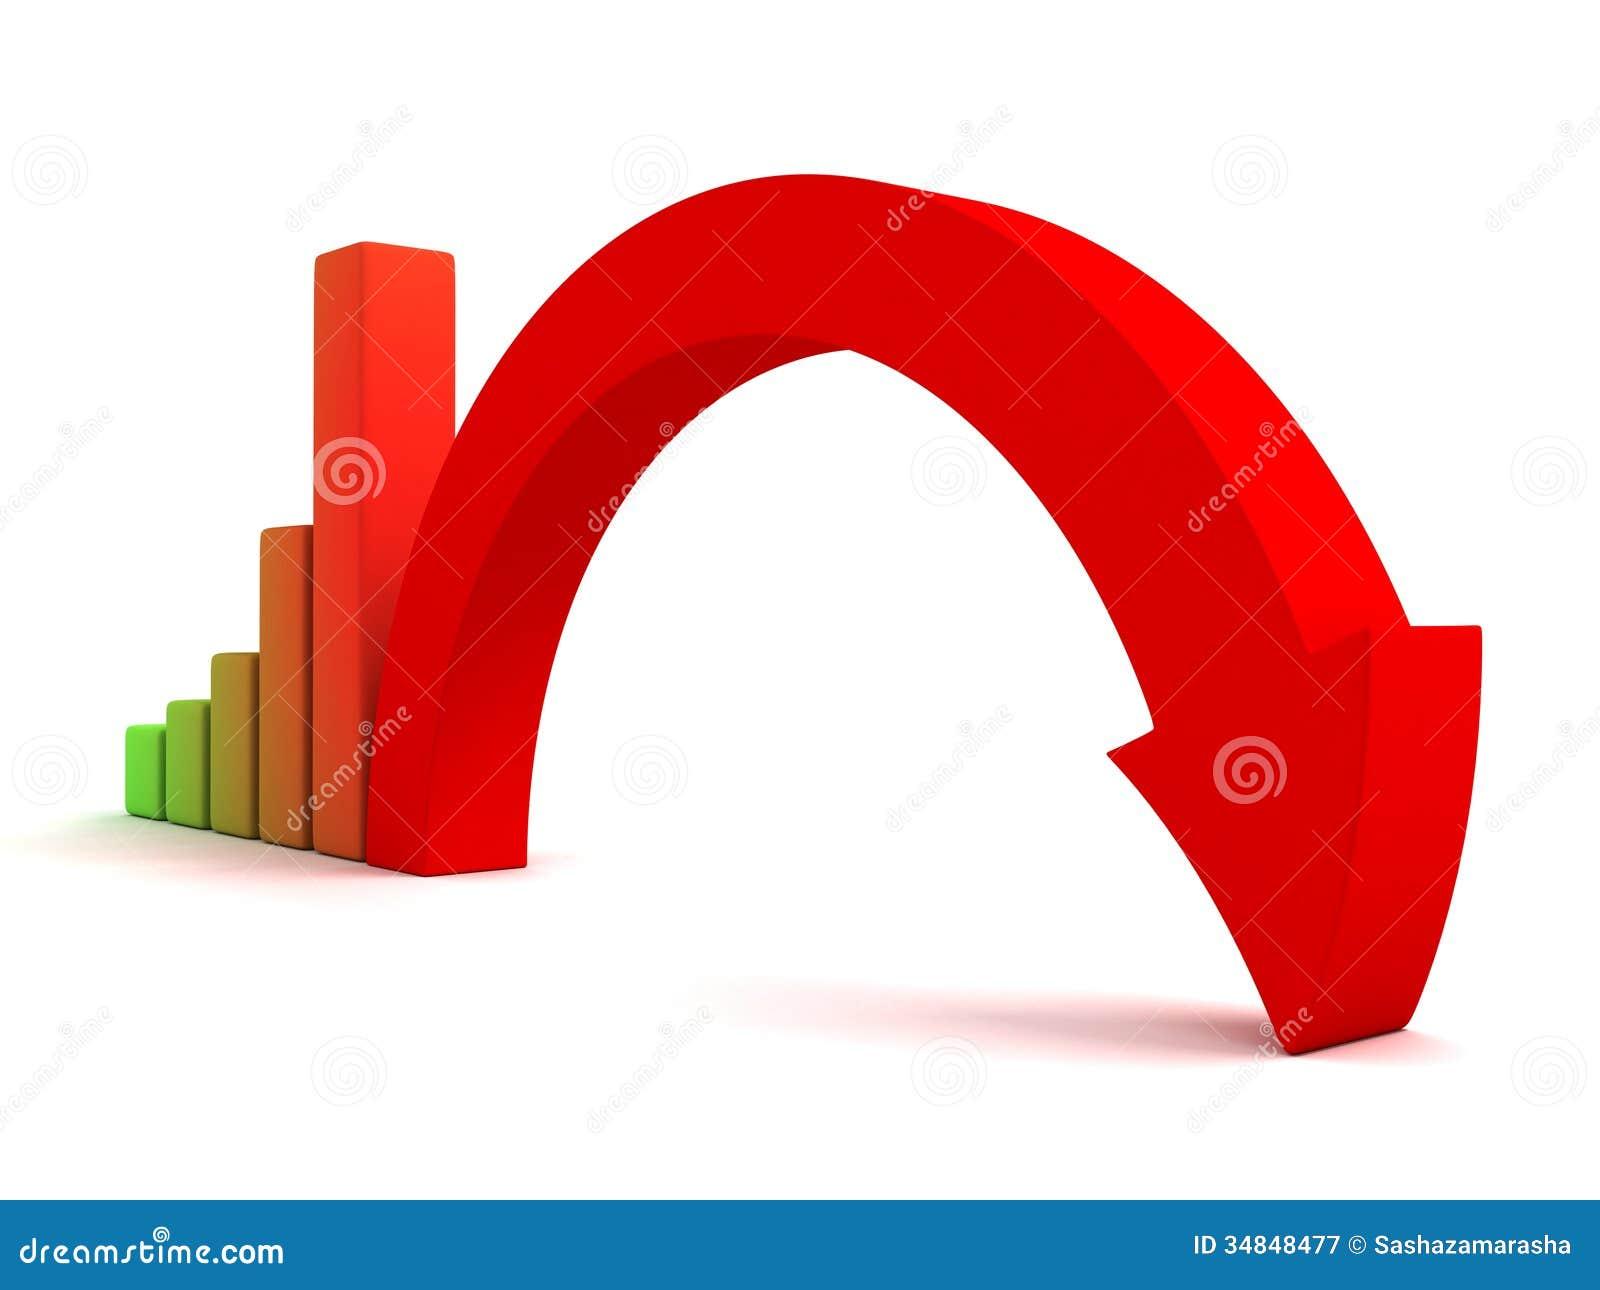 business graph decline arrow down crisis concept stock image